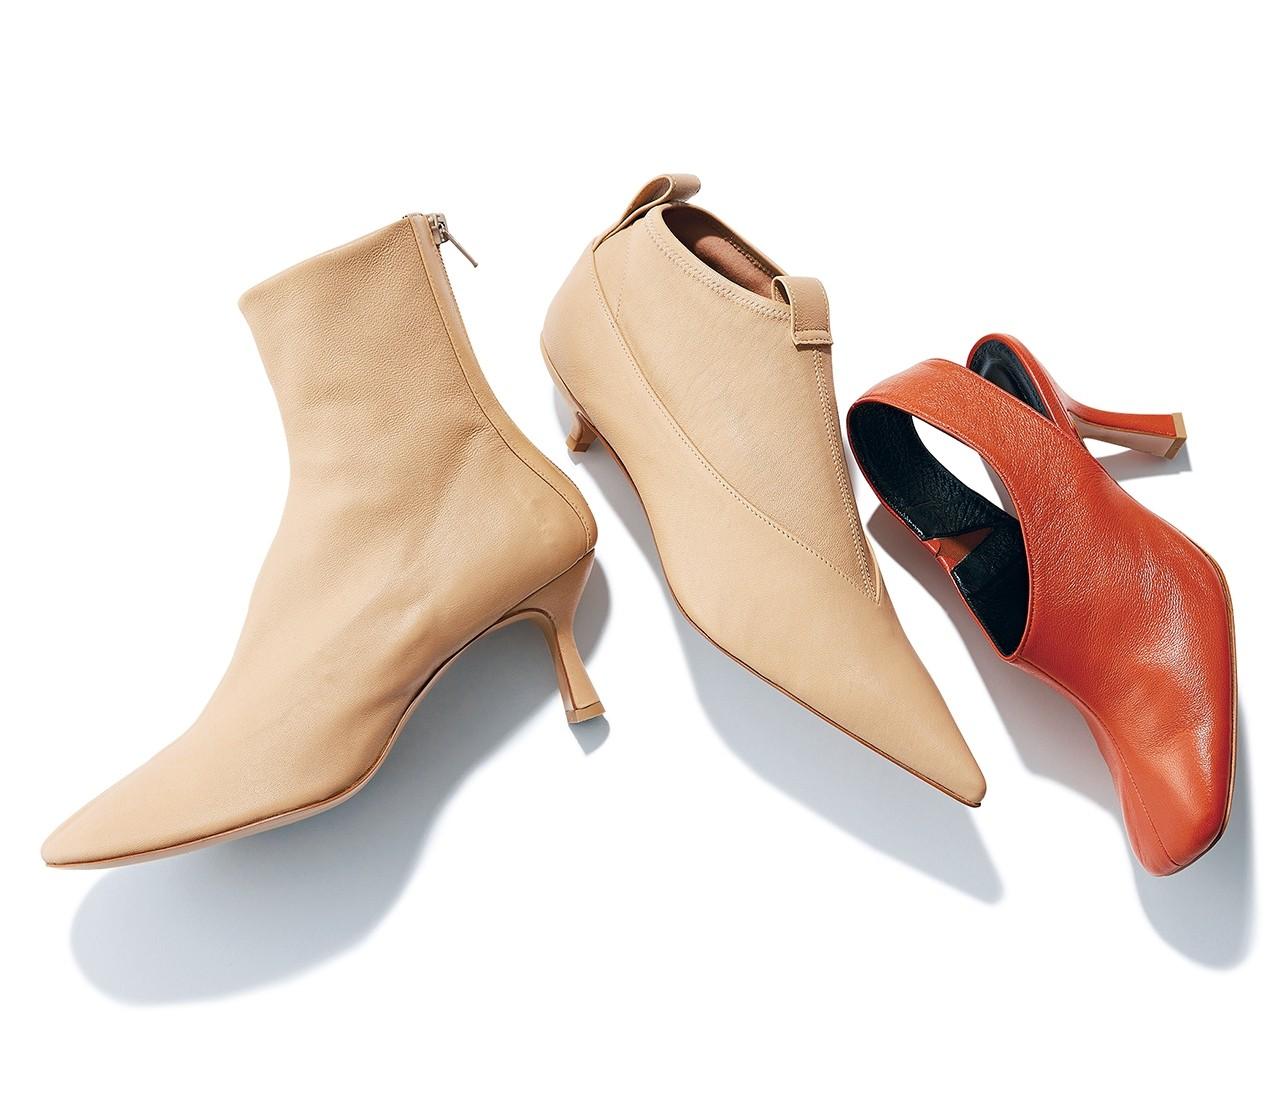 人気靴ブランド【PIPPICHIC(ピッピシック)】で見つけたNEWSな新作靴7